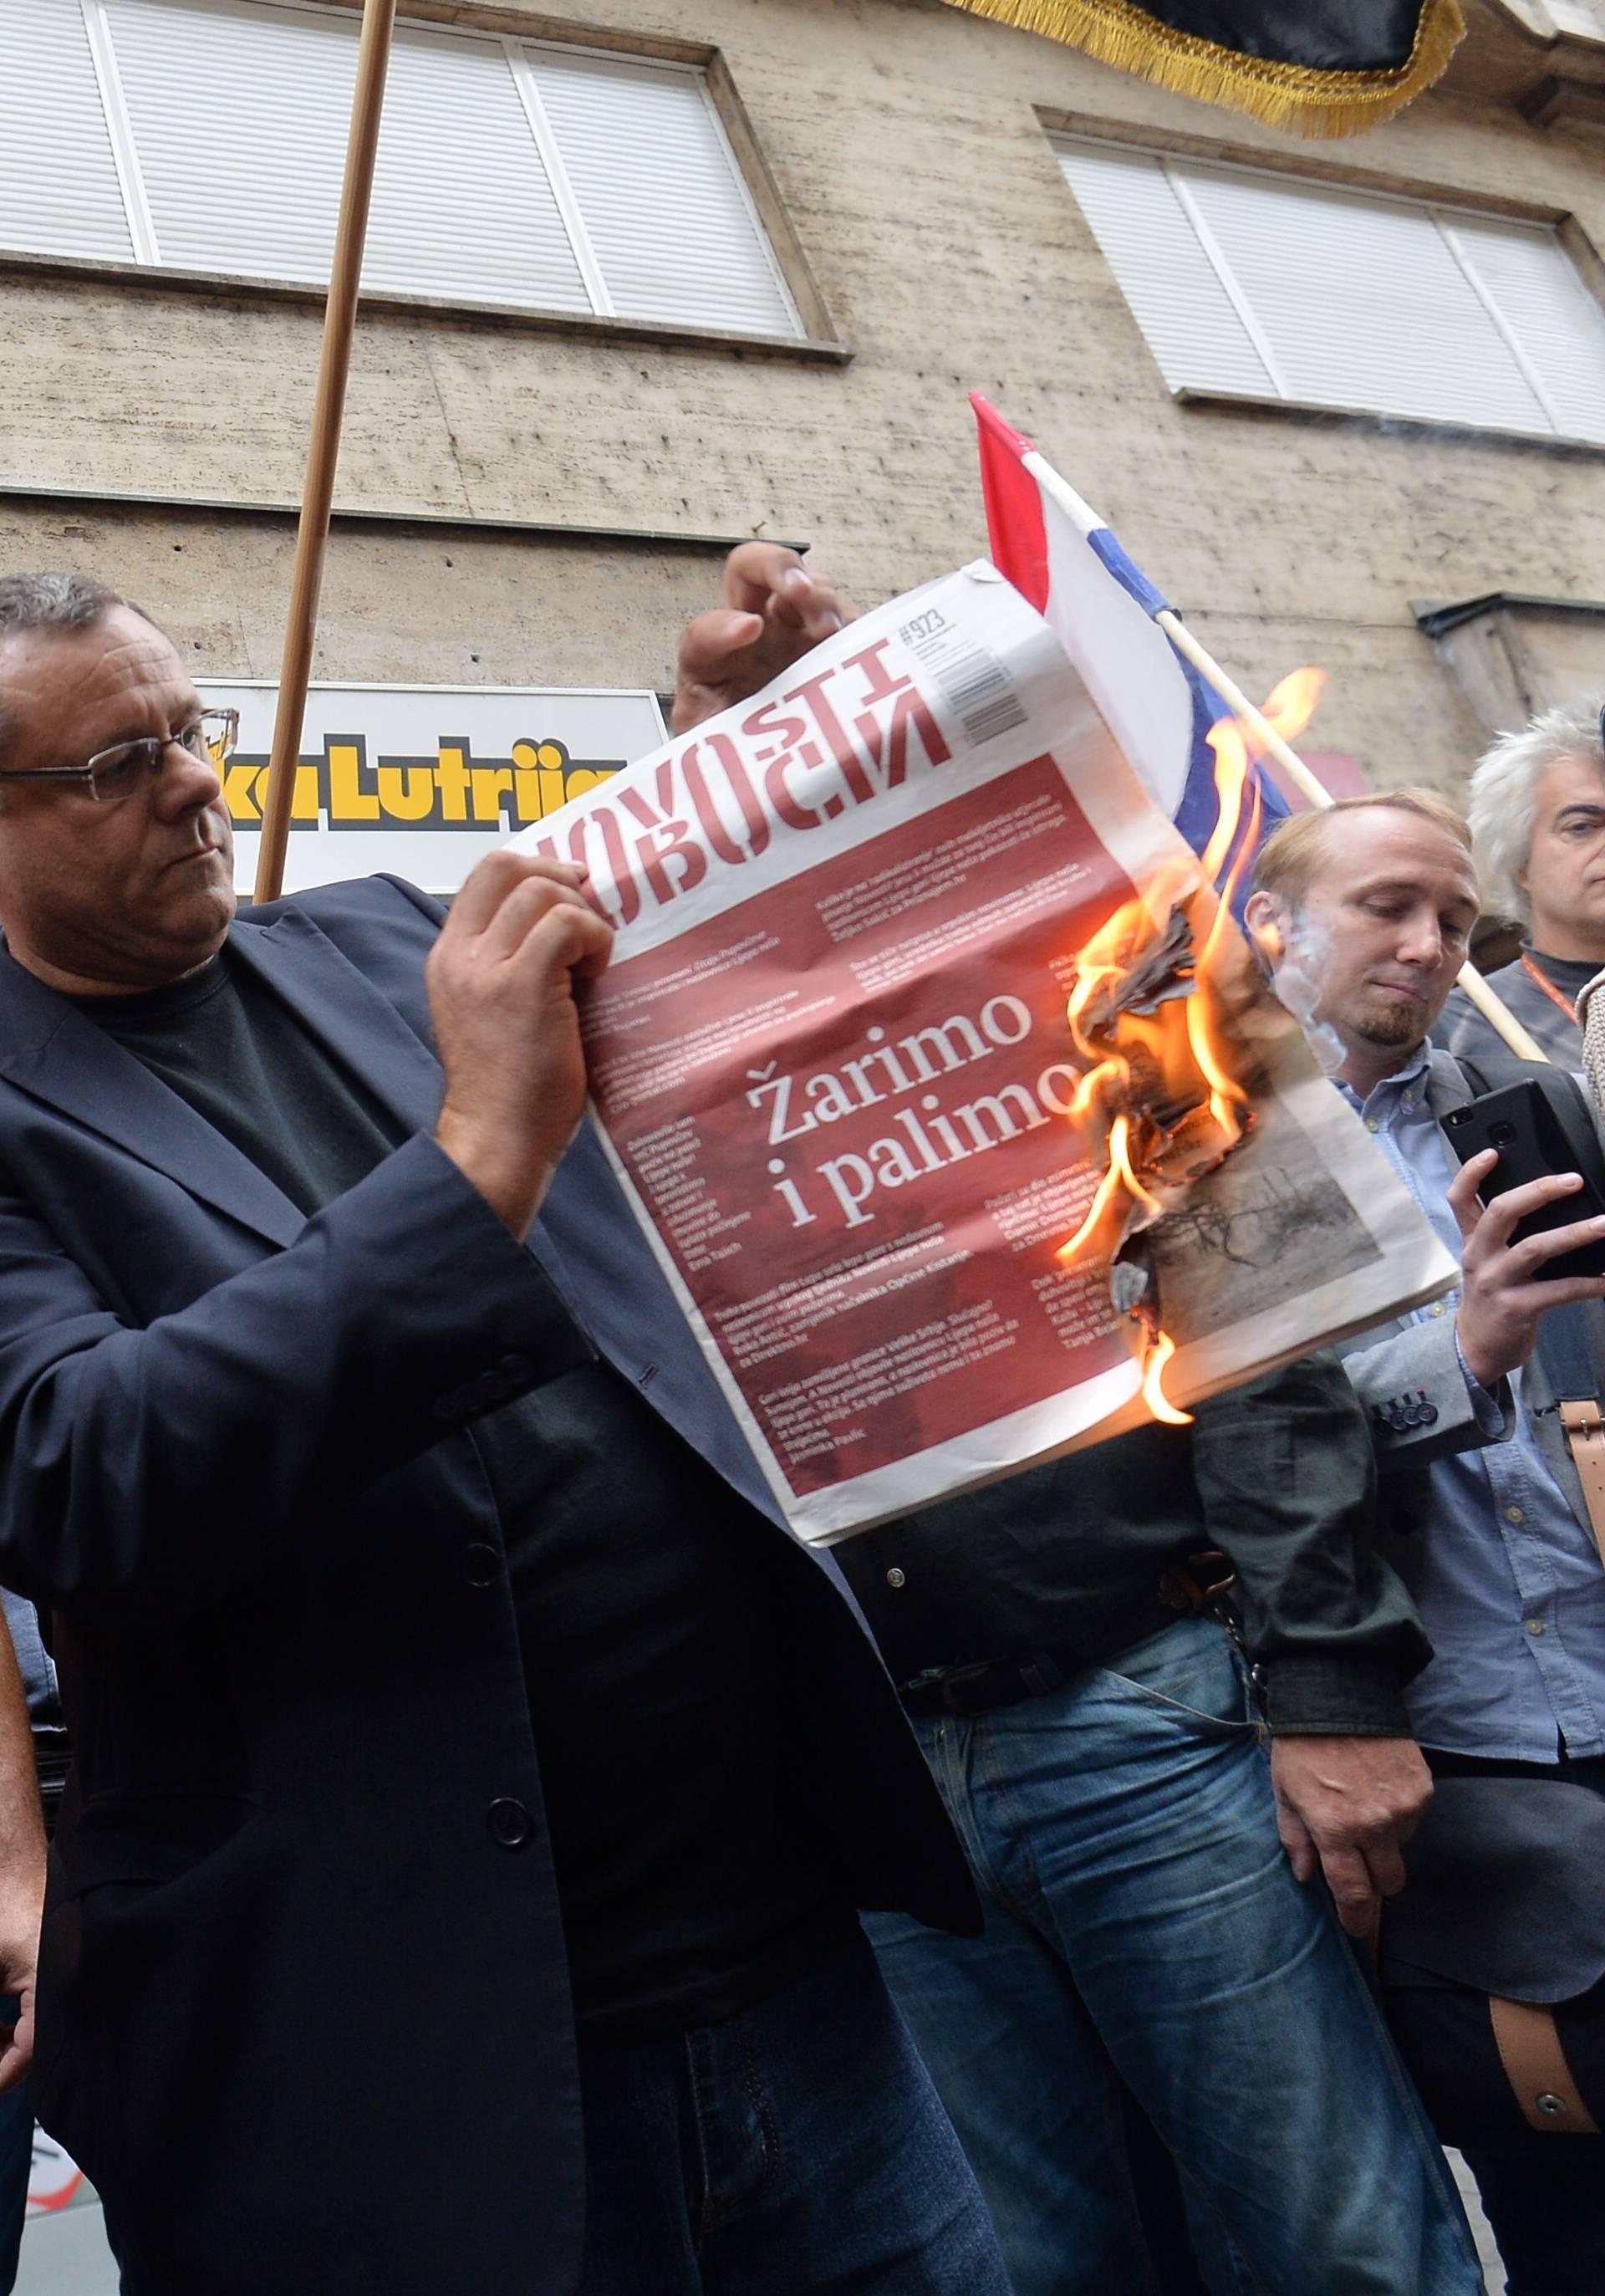 'Neka se Plenković izjasni o paljenju Novosti i prijetnjama'